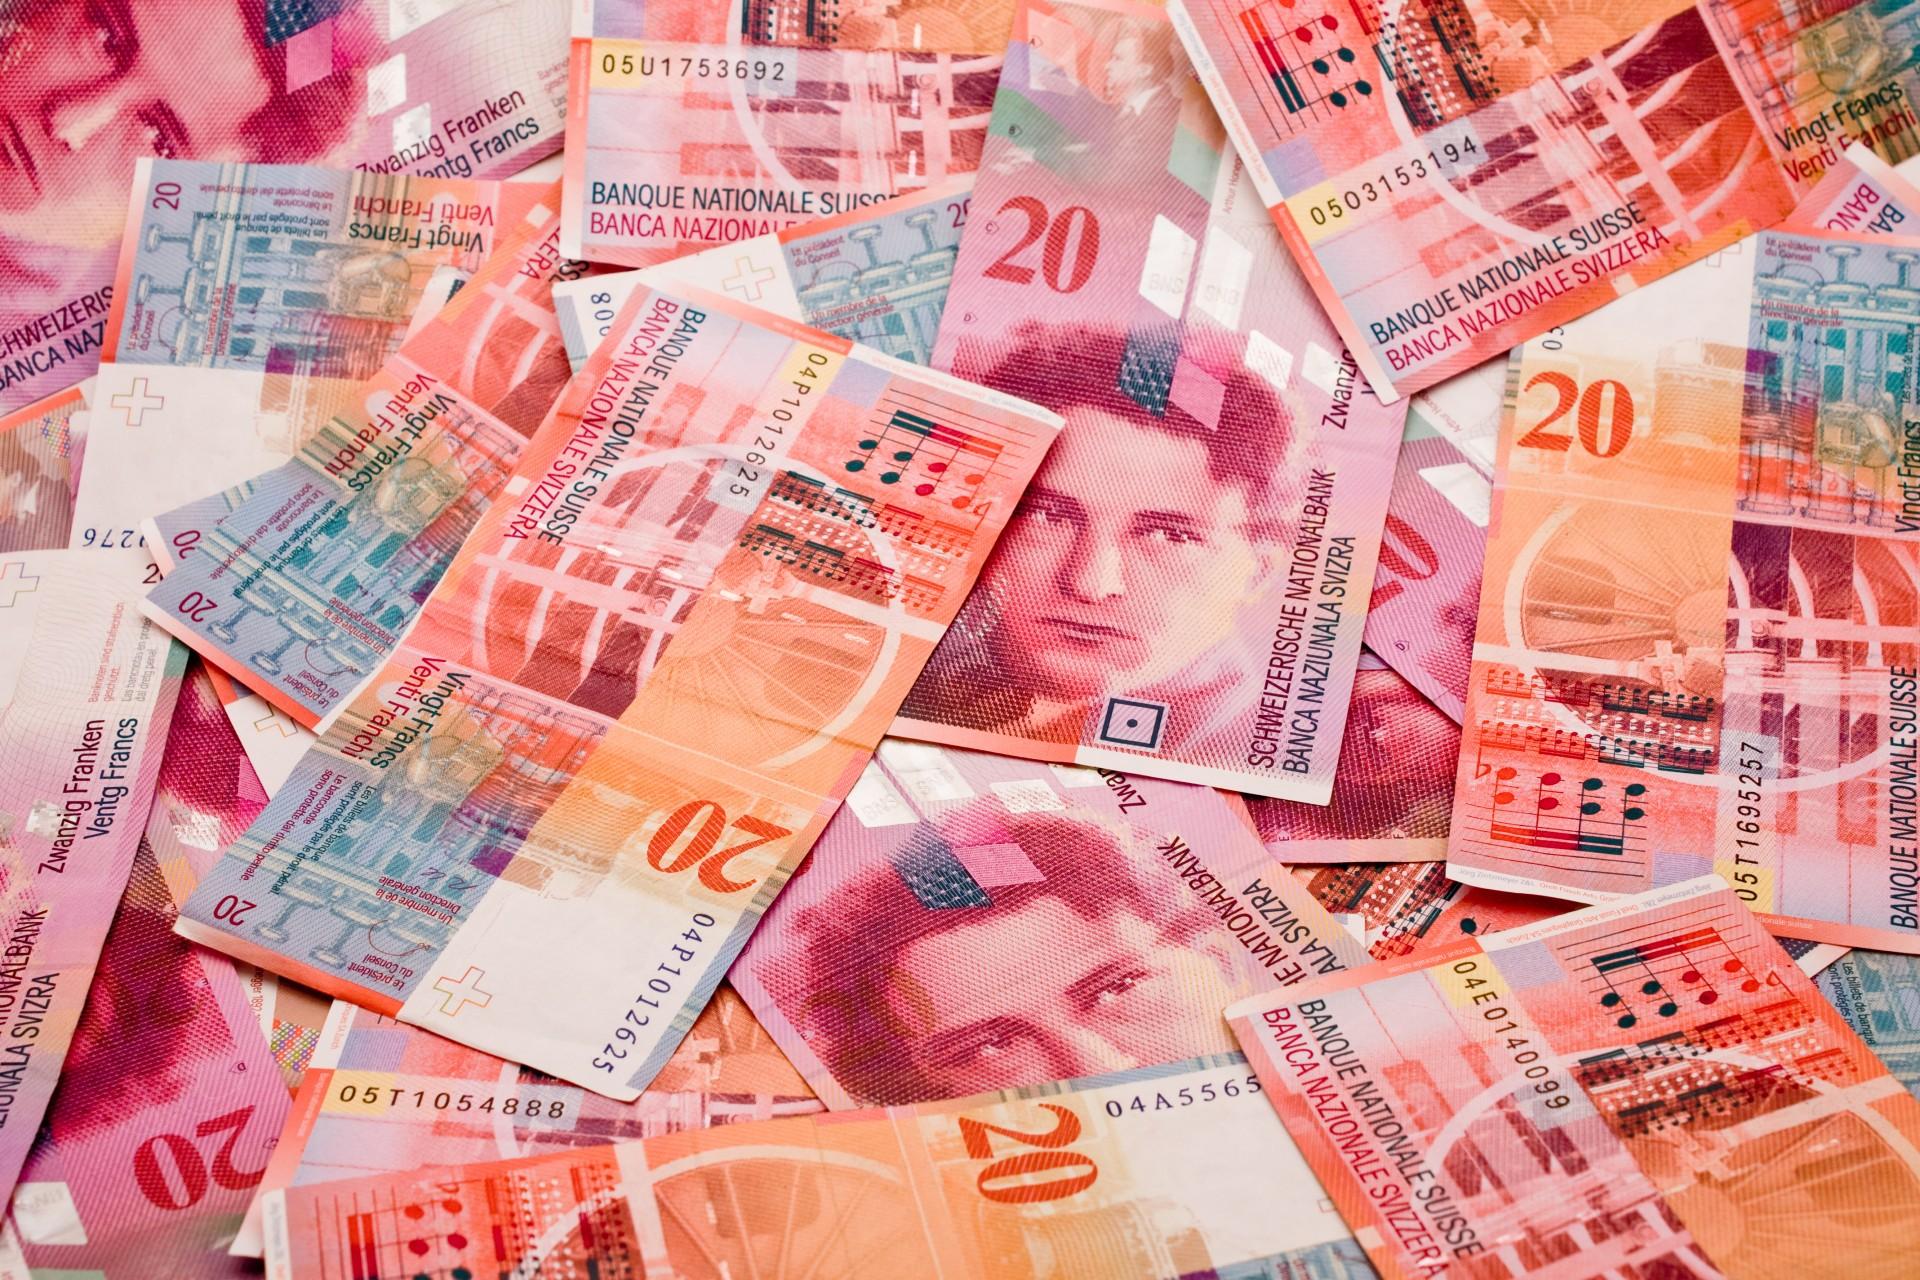 More money twenties from switzerland